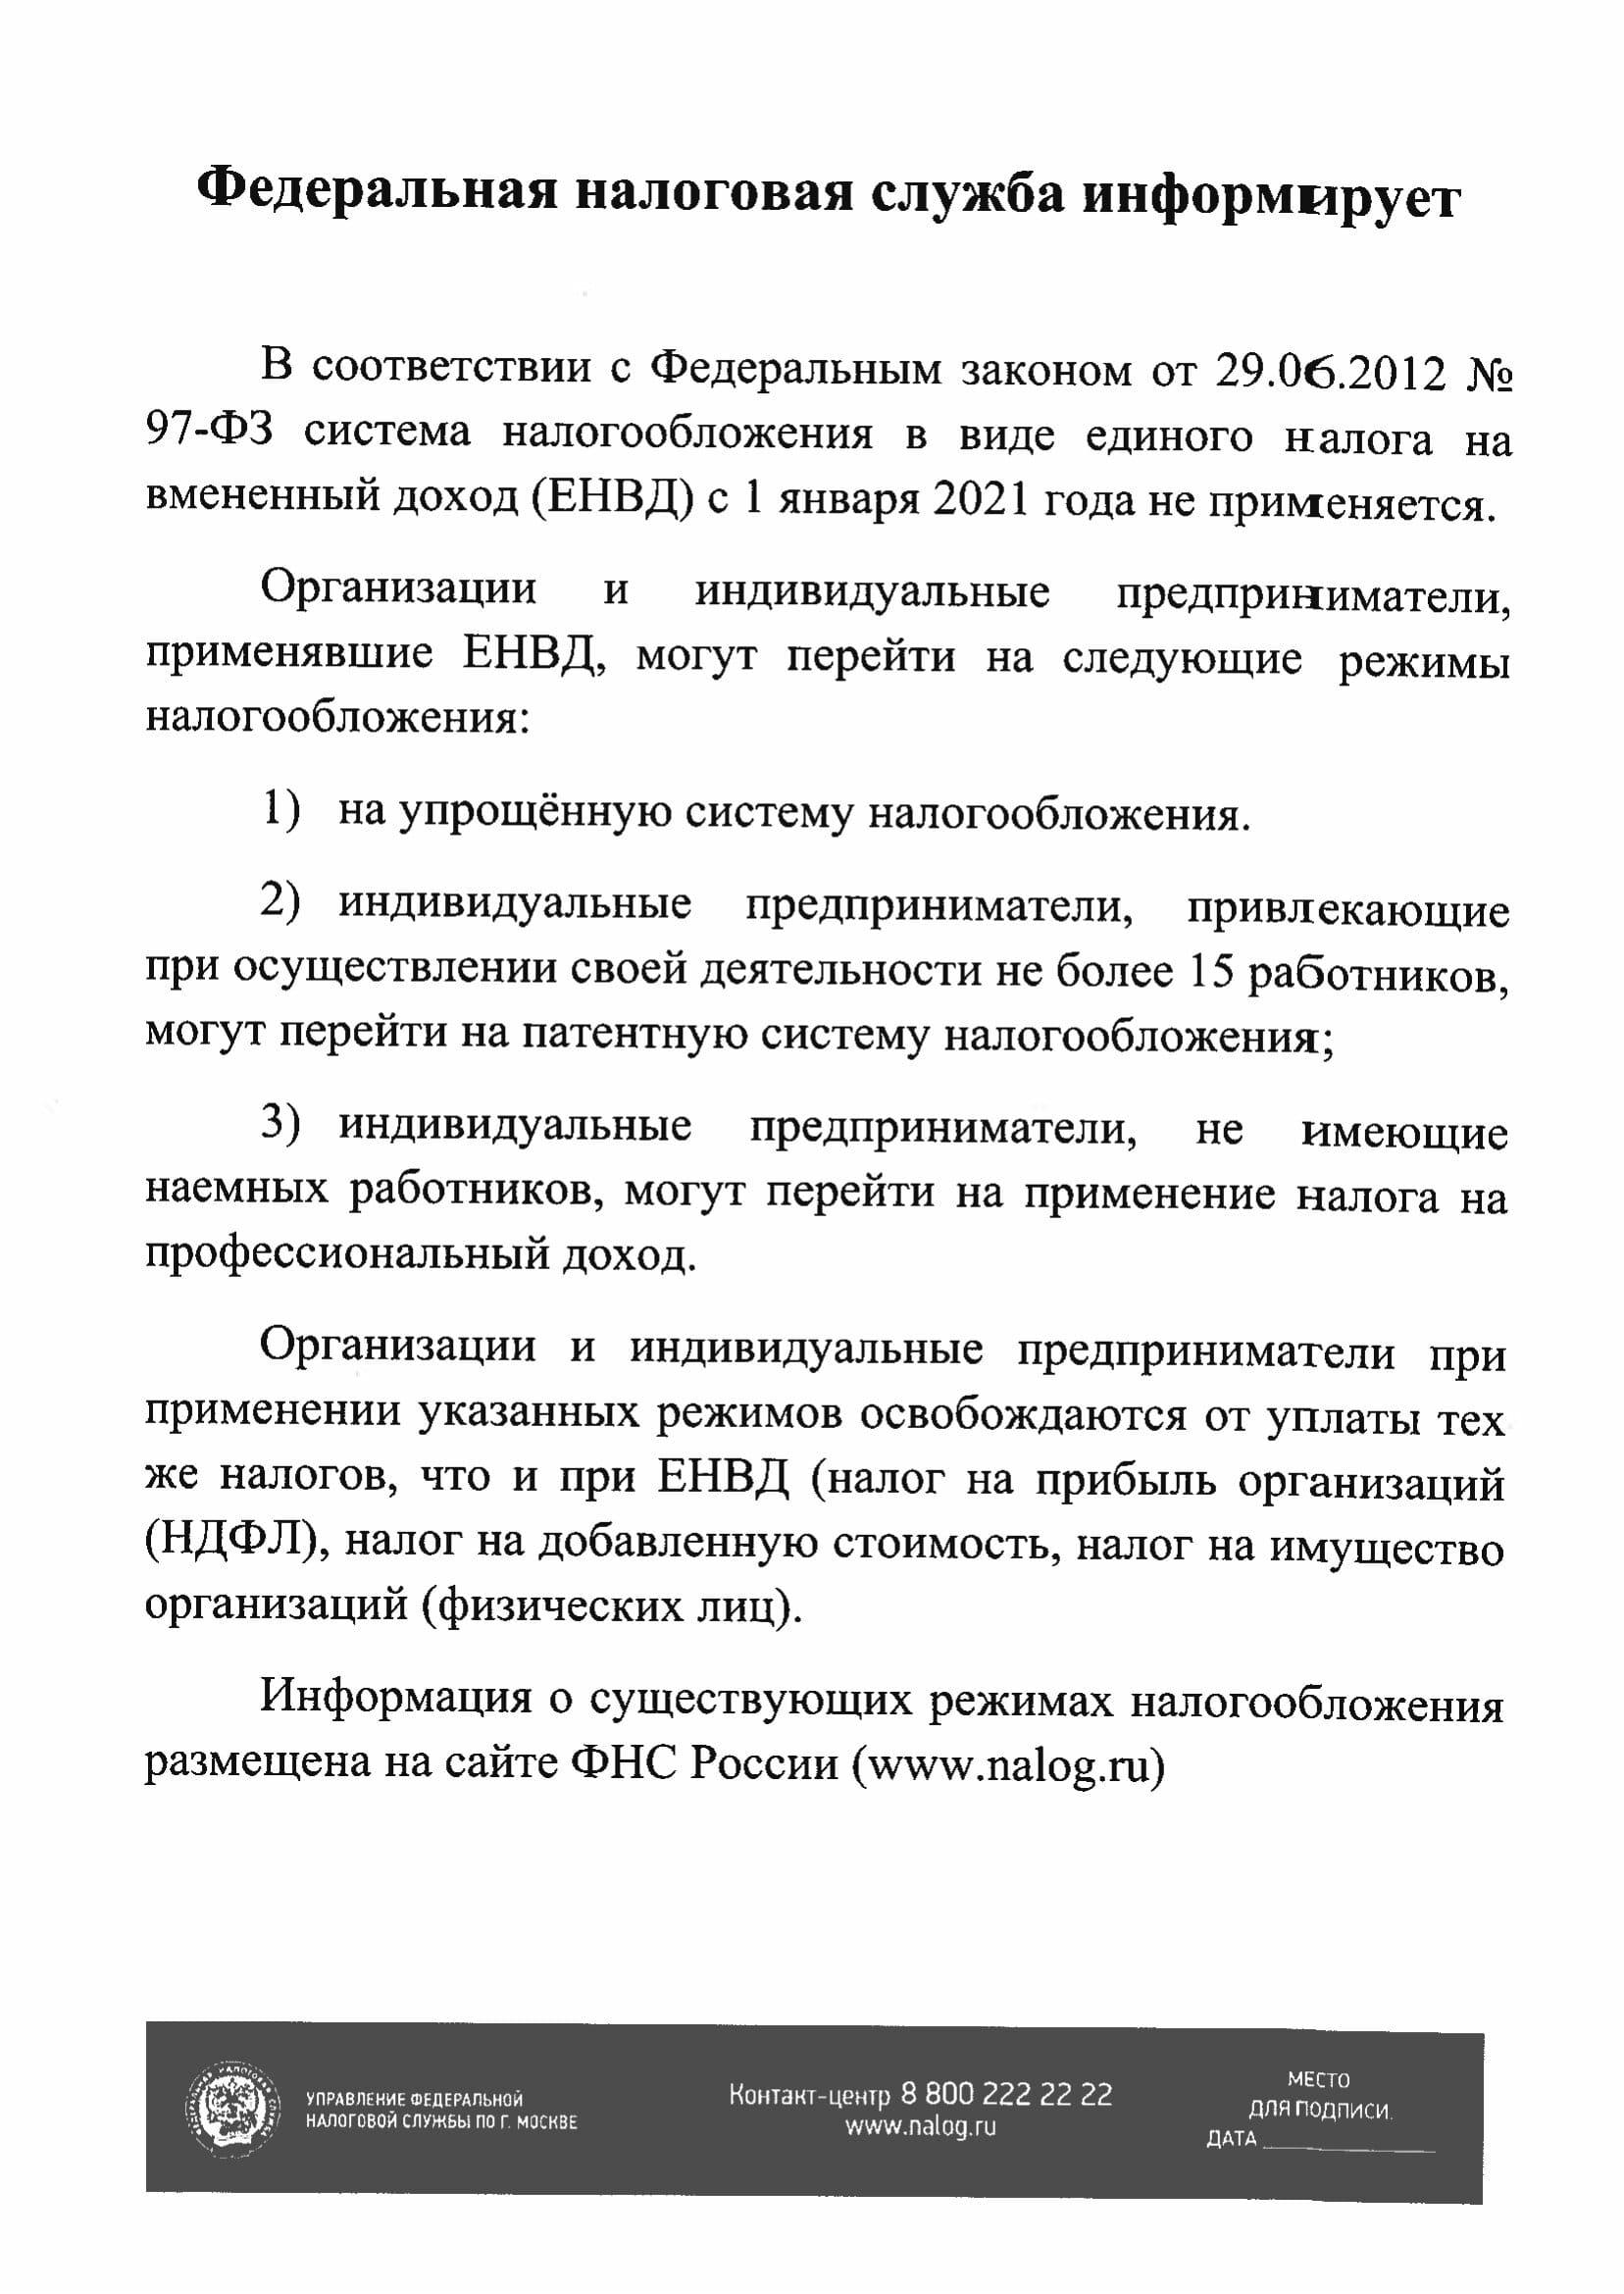 Уголовный кодекс российской федерации — википедия. что такое уголовный кодекс российской федерации